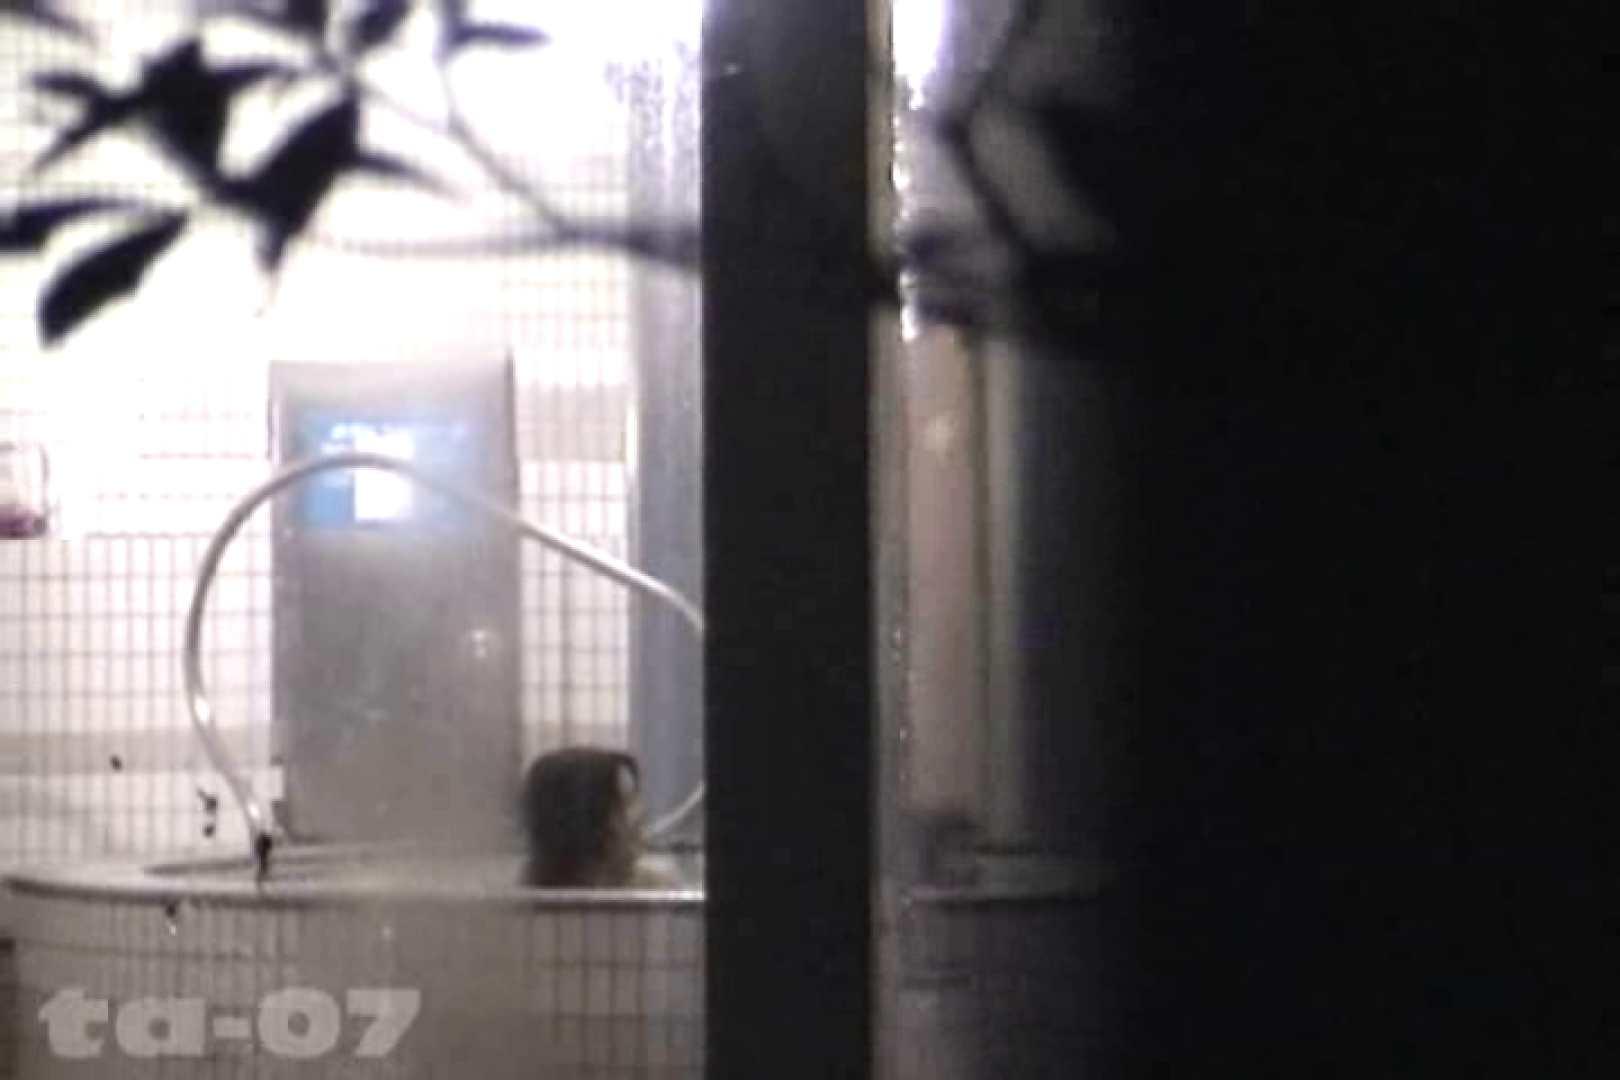 合宿ホテル女風呂盗撮高画質版 Vol.07 合宿中の出来事 | ホテルで絶頂 盗撮 77画像 1